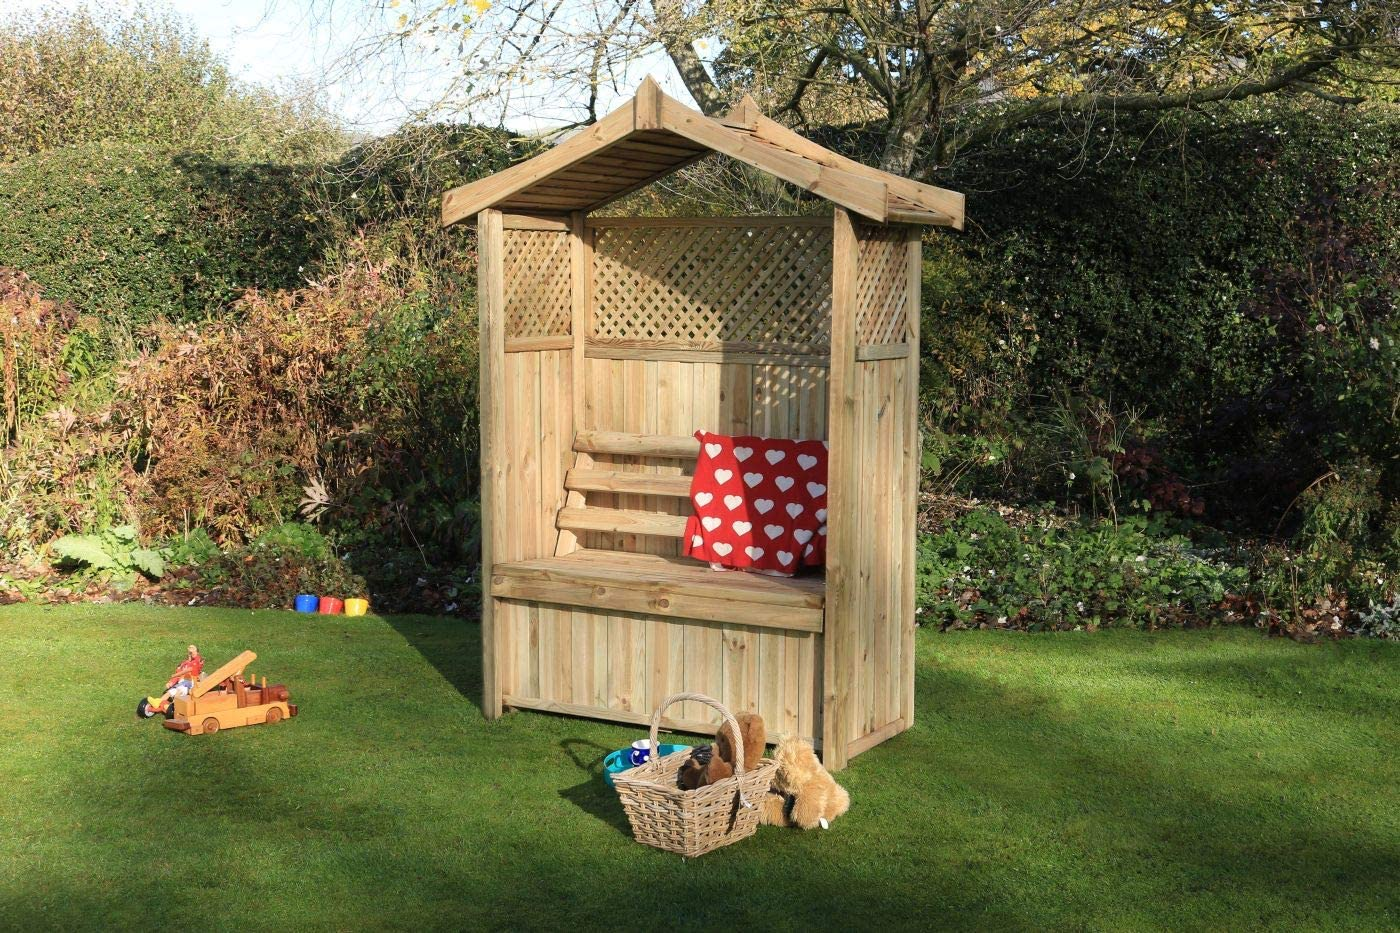 Asiento de jardín Arbour Pergola celosía madera banco de arco Corner Almacenamiento Muebles – 10 años de garantía contra rojo, Barcelona Arbour: Amazon.es: Hogar